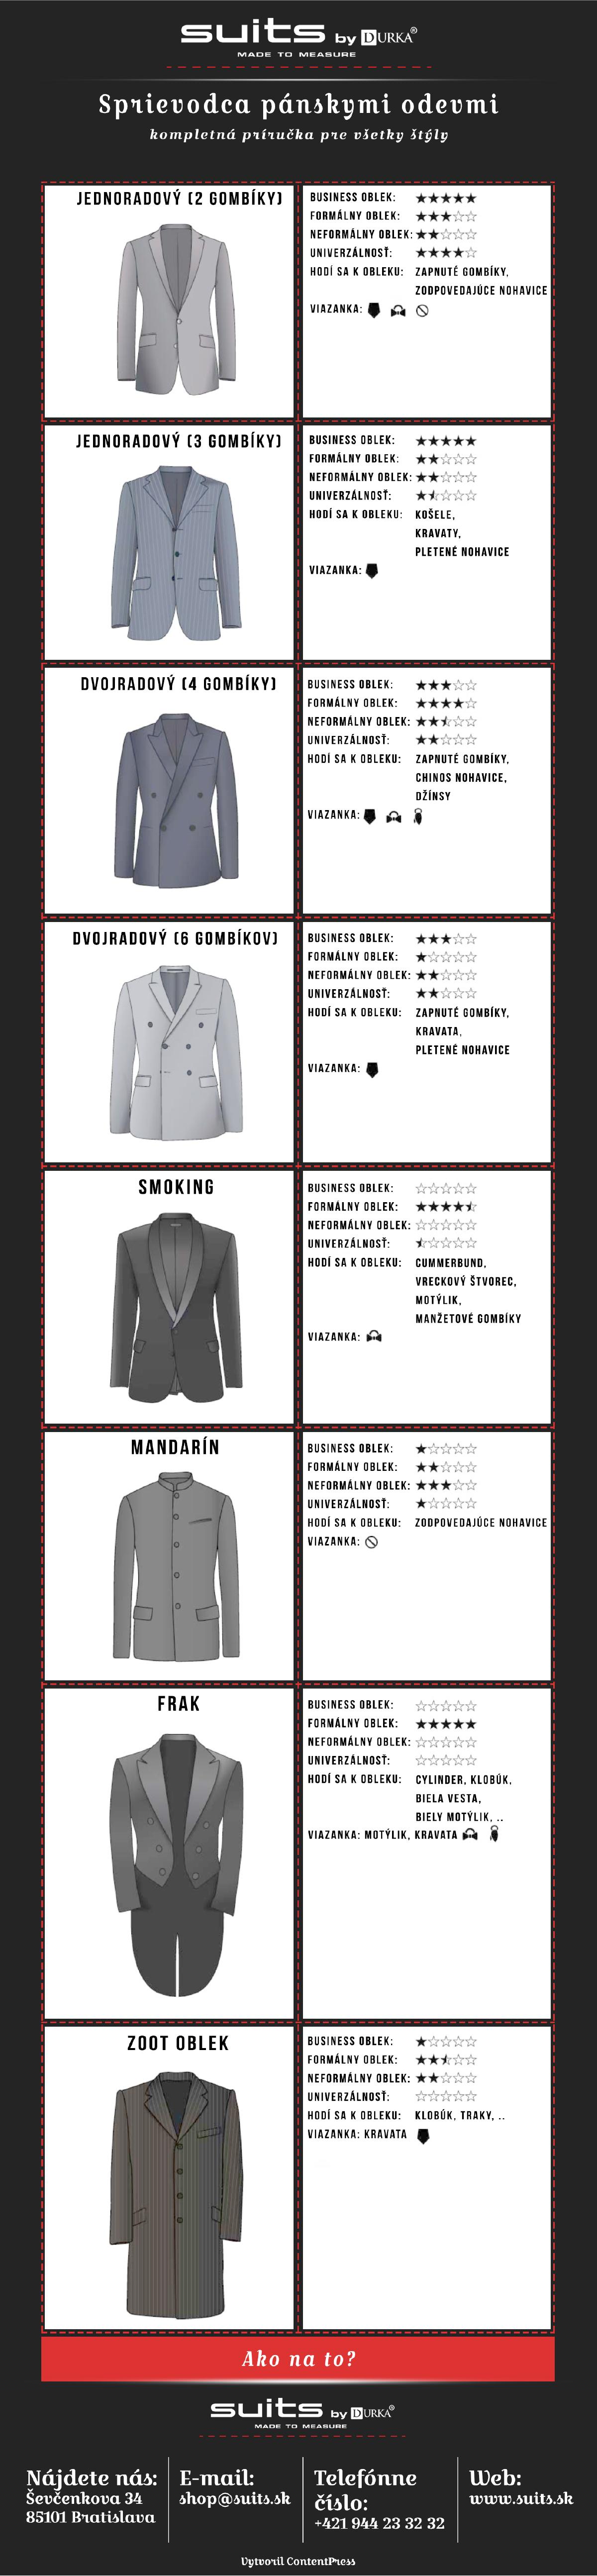 INFOGRAFIKA - sprievodca pánskymi odevmi - ako sa správne obliecť